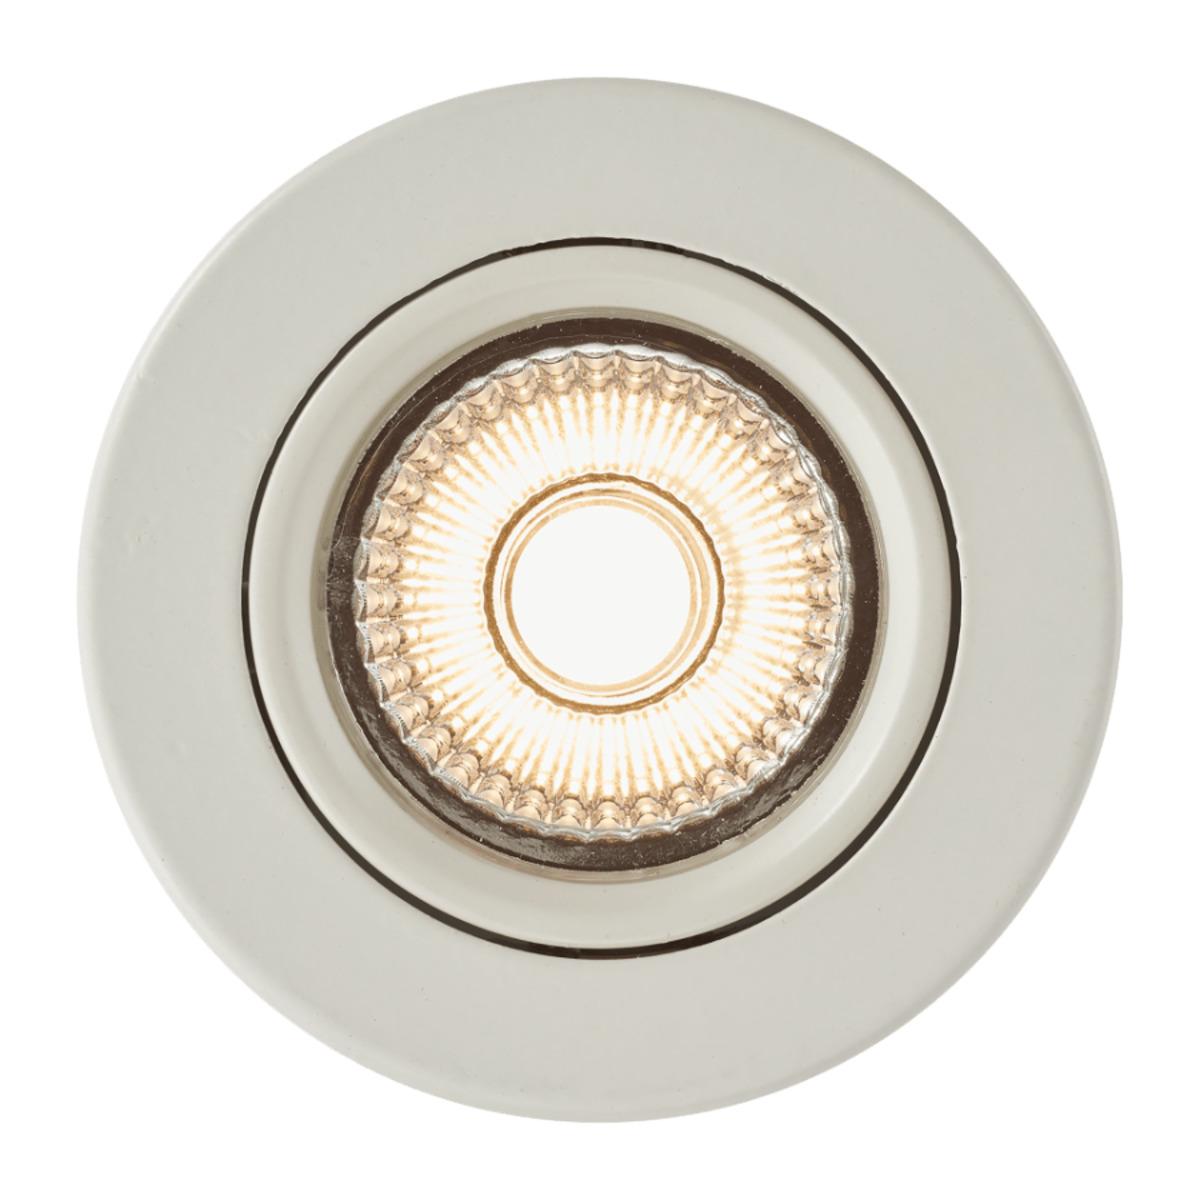 Bild 4 von LIGHTZONE     LED-Einbauleuchten